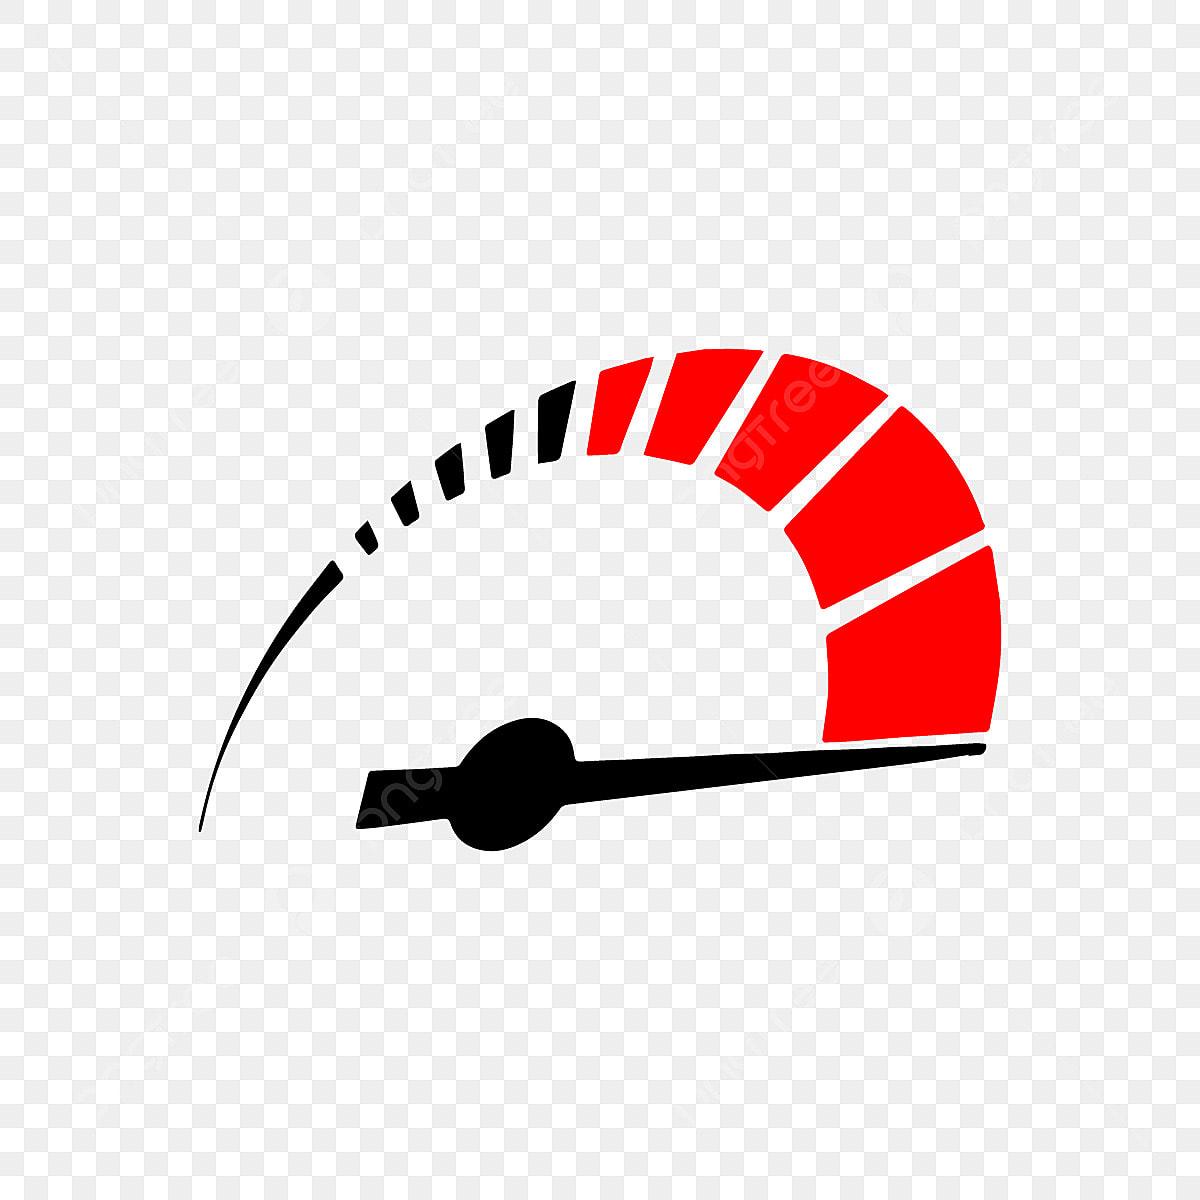 Speed Meter For Automobile Car Or Byke, Meter, Speed Meter